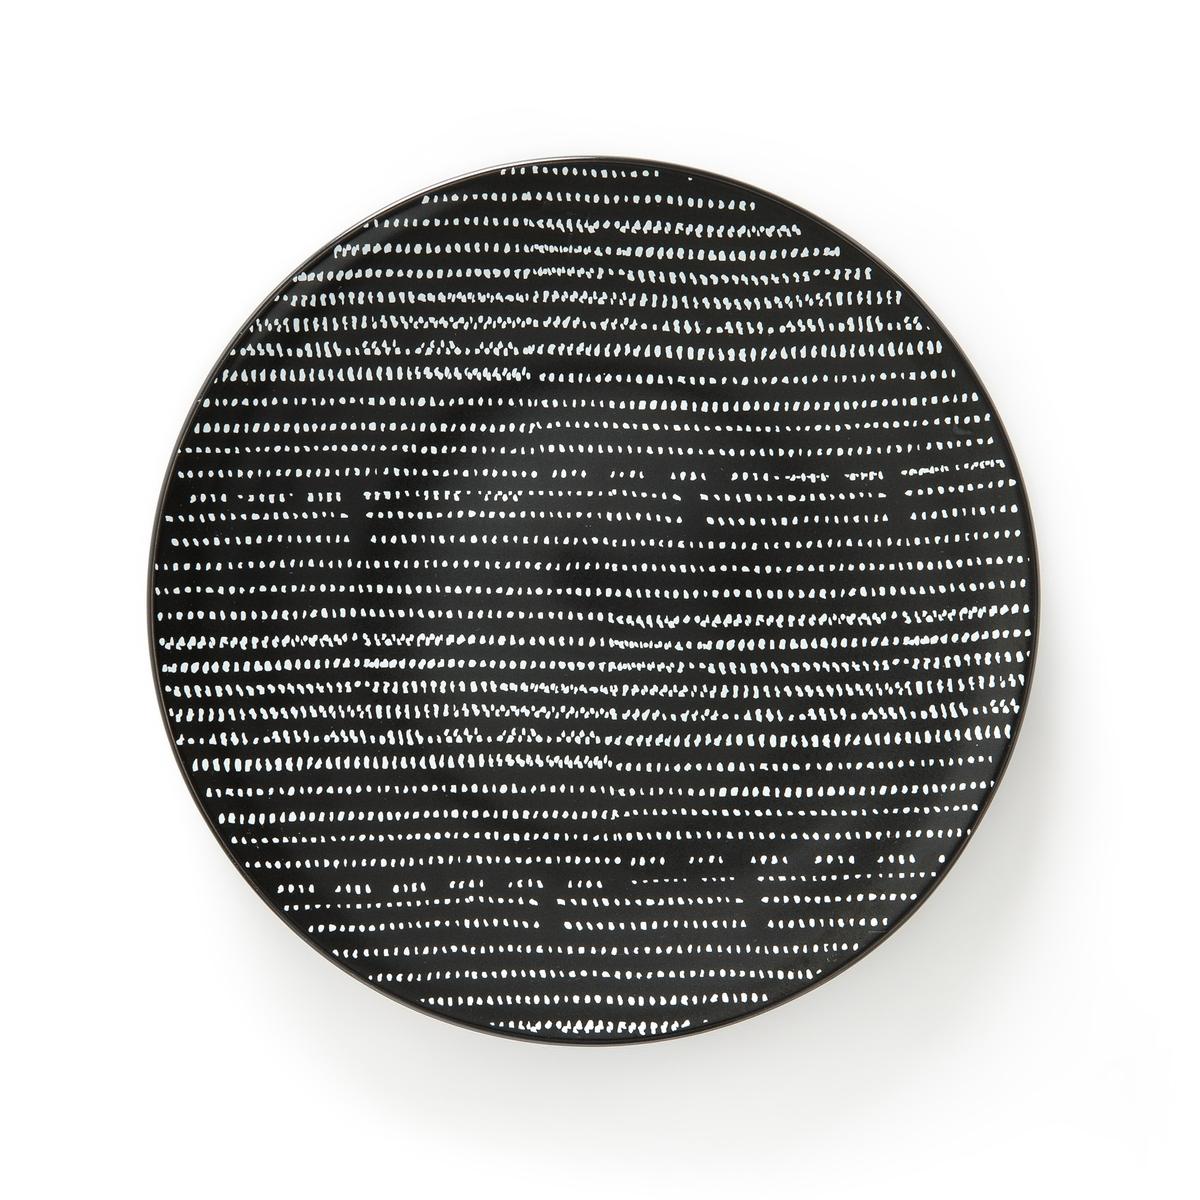 4 плоские тарелки из керамикиTADSITОписание:Комплект из 4 тарелок Tadsit с невероятно стильным дизайном для создания нового декора .Характеристики тарелок  :Комплект из 4 плоских тарелок из тонкой керамики с матовой отделкой .   Всю коллекцию Вы можете найти на сайте laredoute.ruРазмеры тарелок :Диаметр : 25 смУход :Подходят для микроволновой печи и посудомоечной машины<br><br>Цвет: наб. рисунок черный/ белый